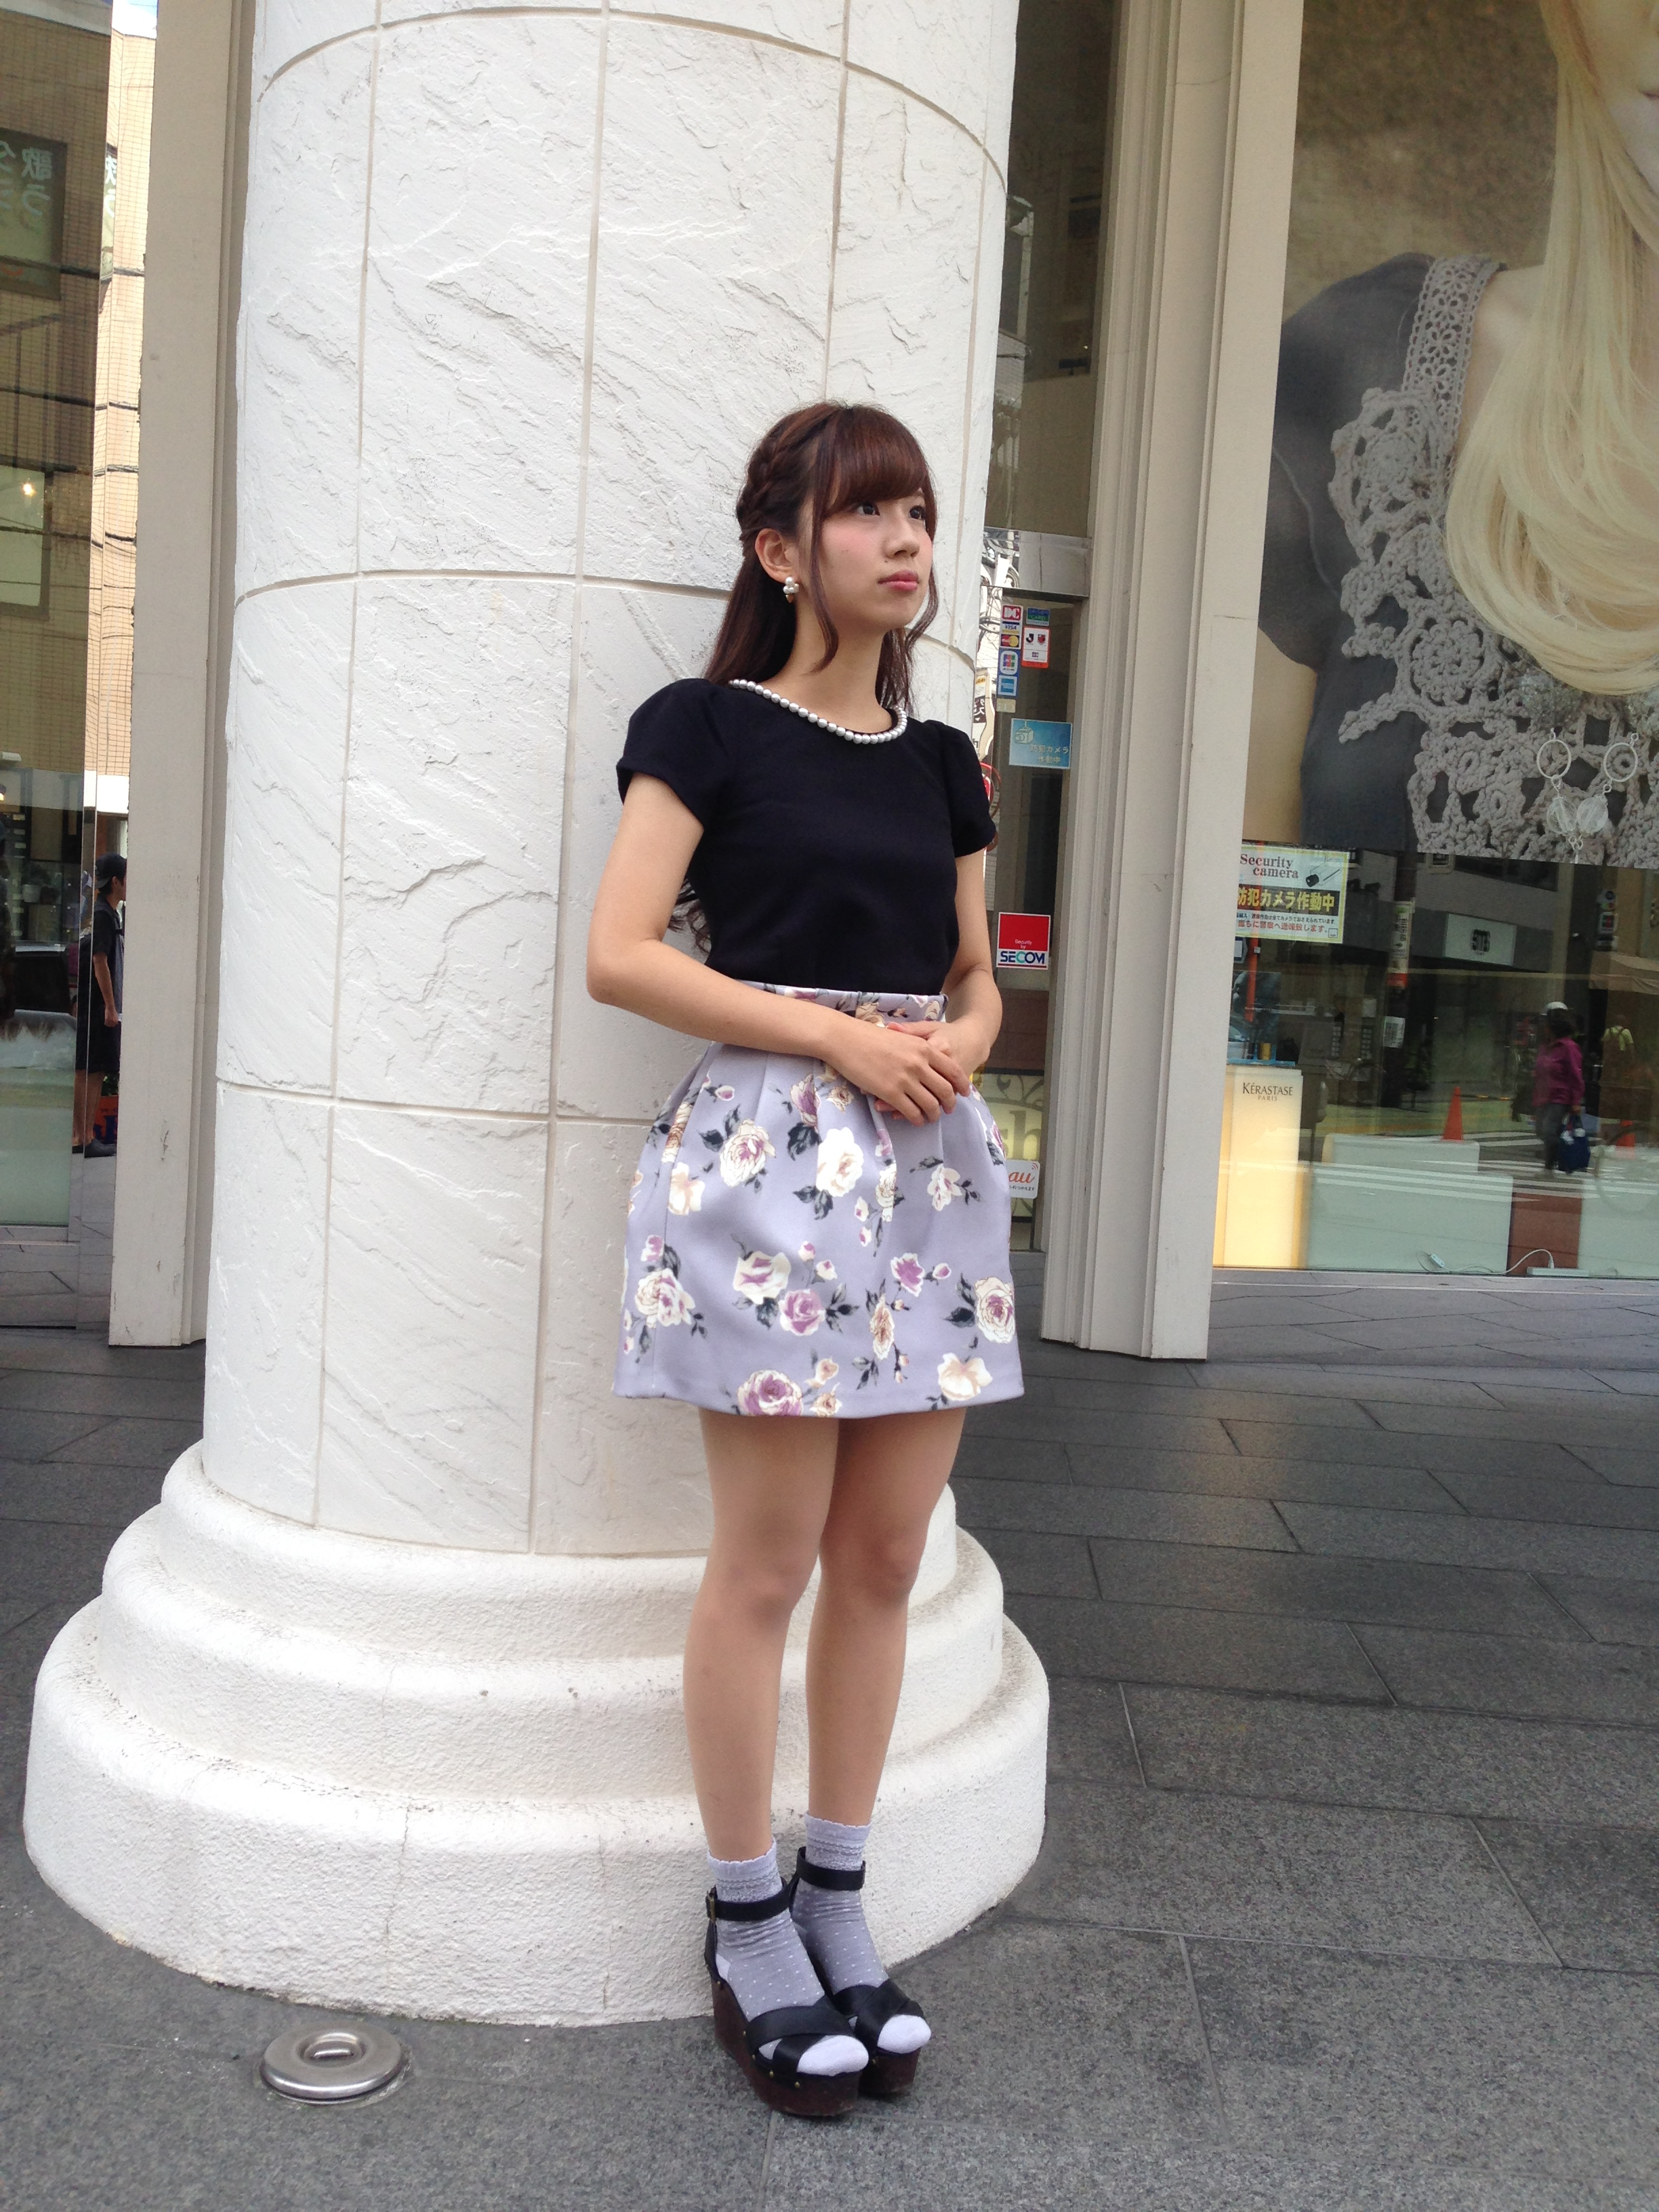 | まさ 【タップル誕生】静岡・藤枝ギャルと出会って3秒でキス